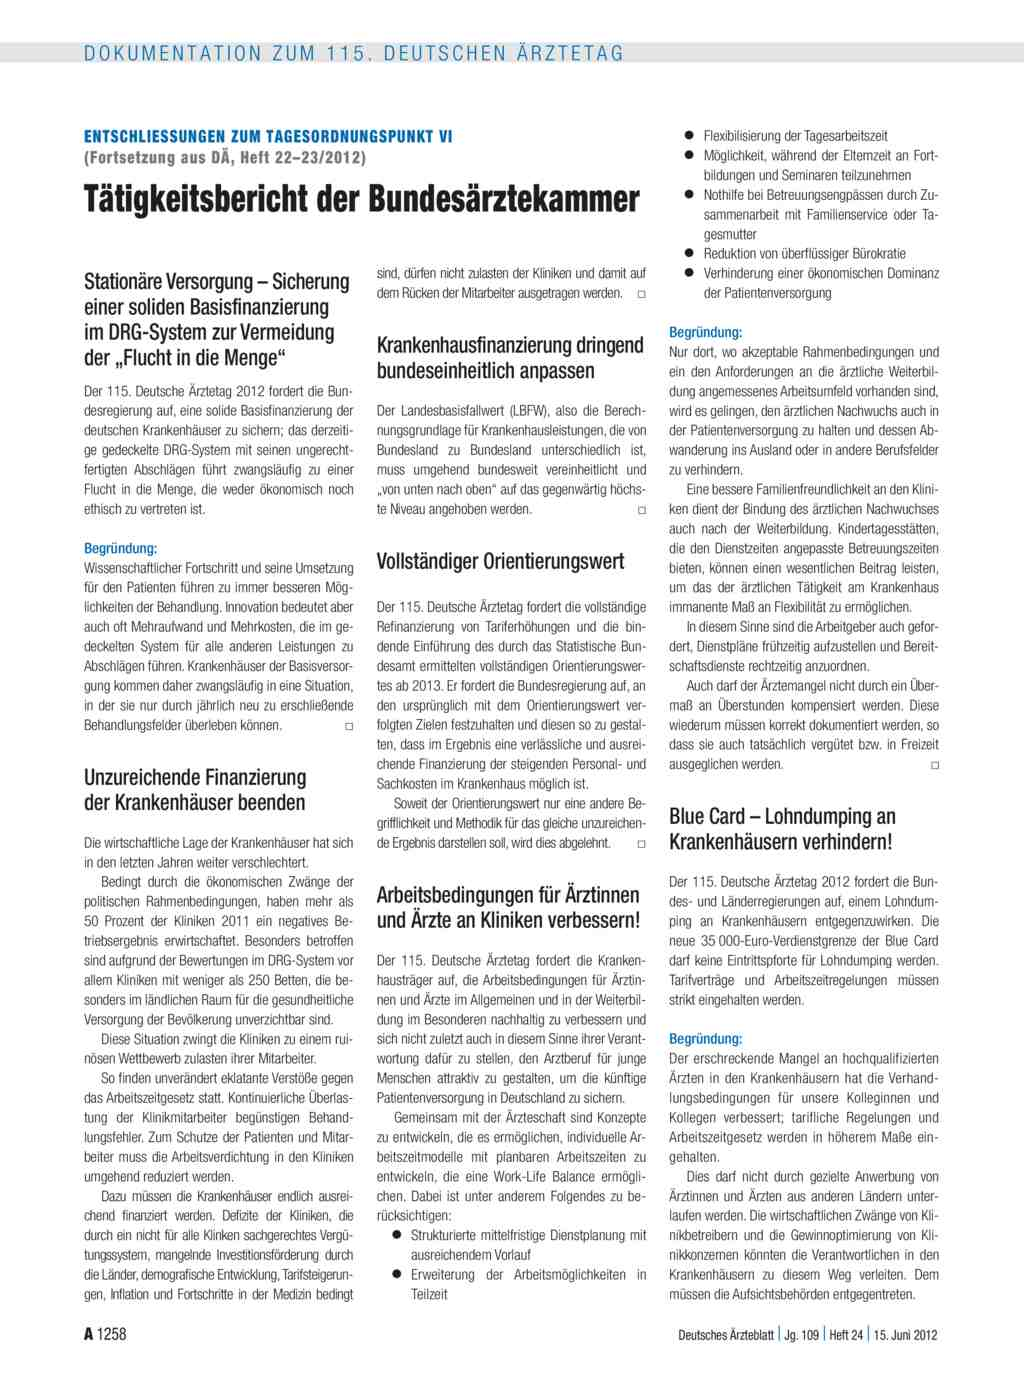 Entschliessungen zum Tagesordnungspunkt VI (Fortsetzung aus DÄ, Heft ...